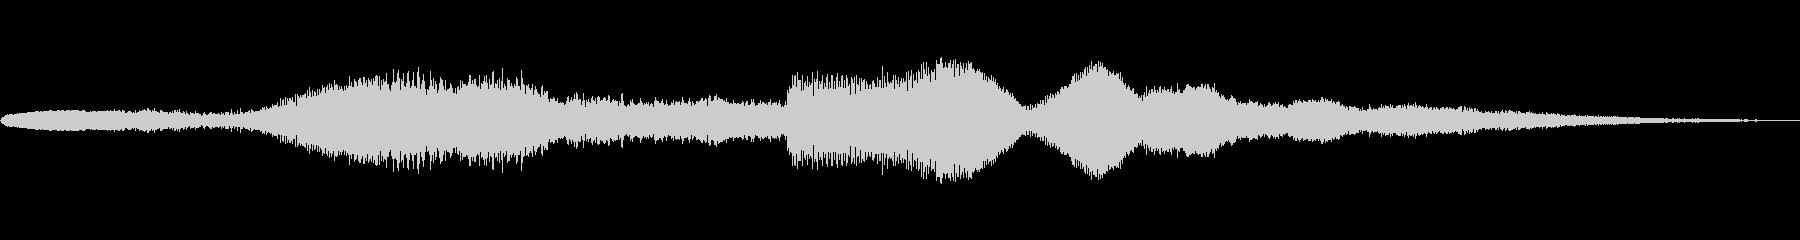 アウトインスペース2の未再生の波形